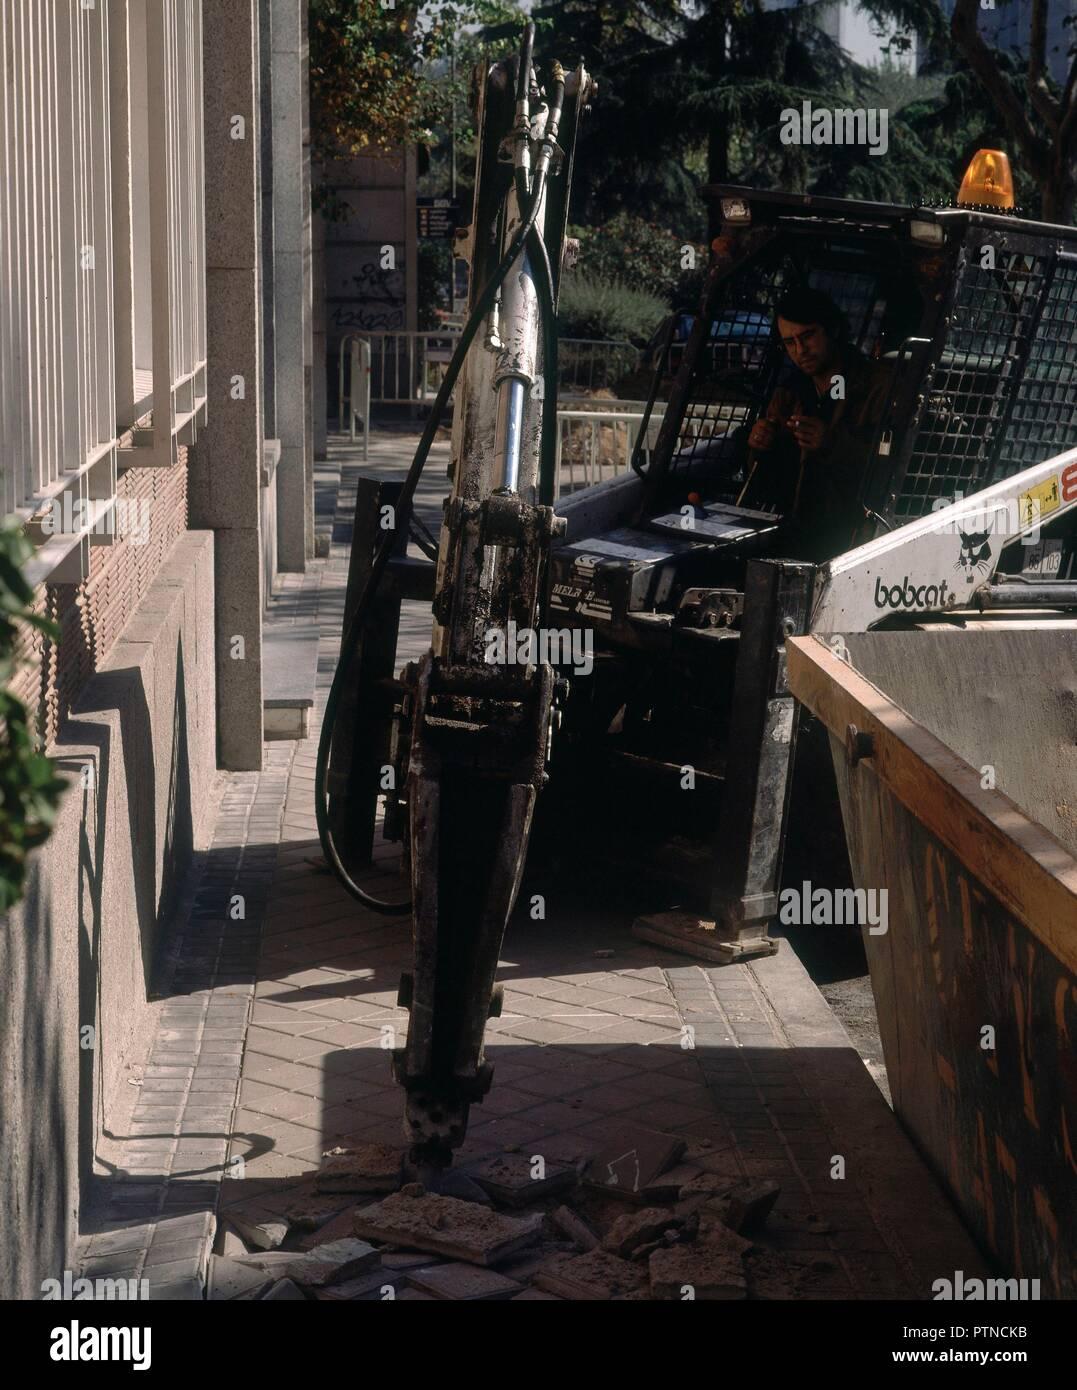 MARTILLO PERCUTOR levantando la acera. Ubicación: exterior. MADRID. España. Foto de stock